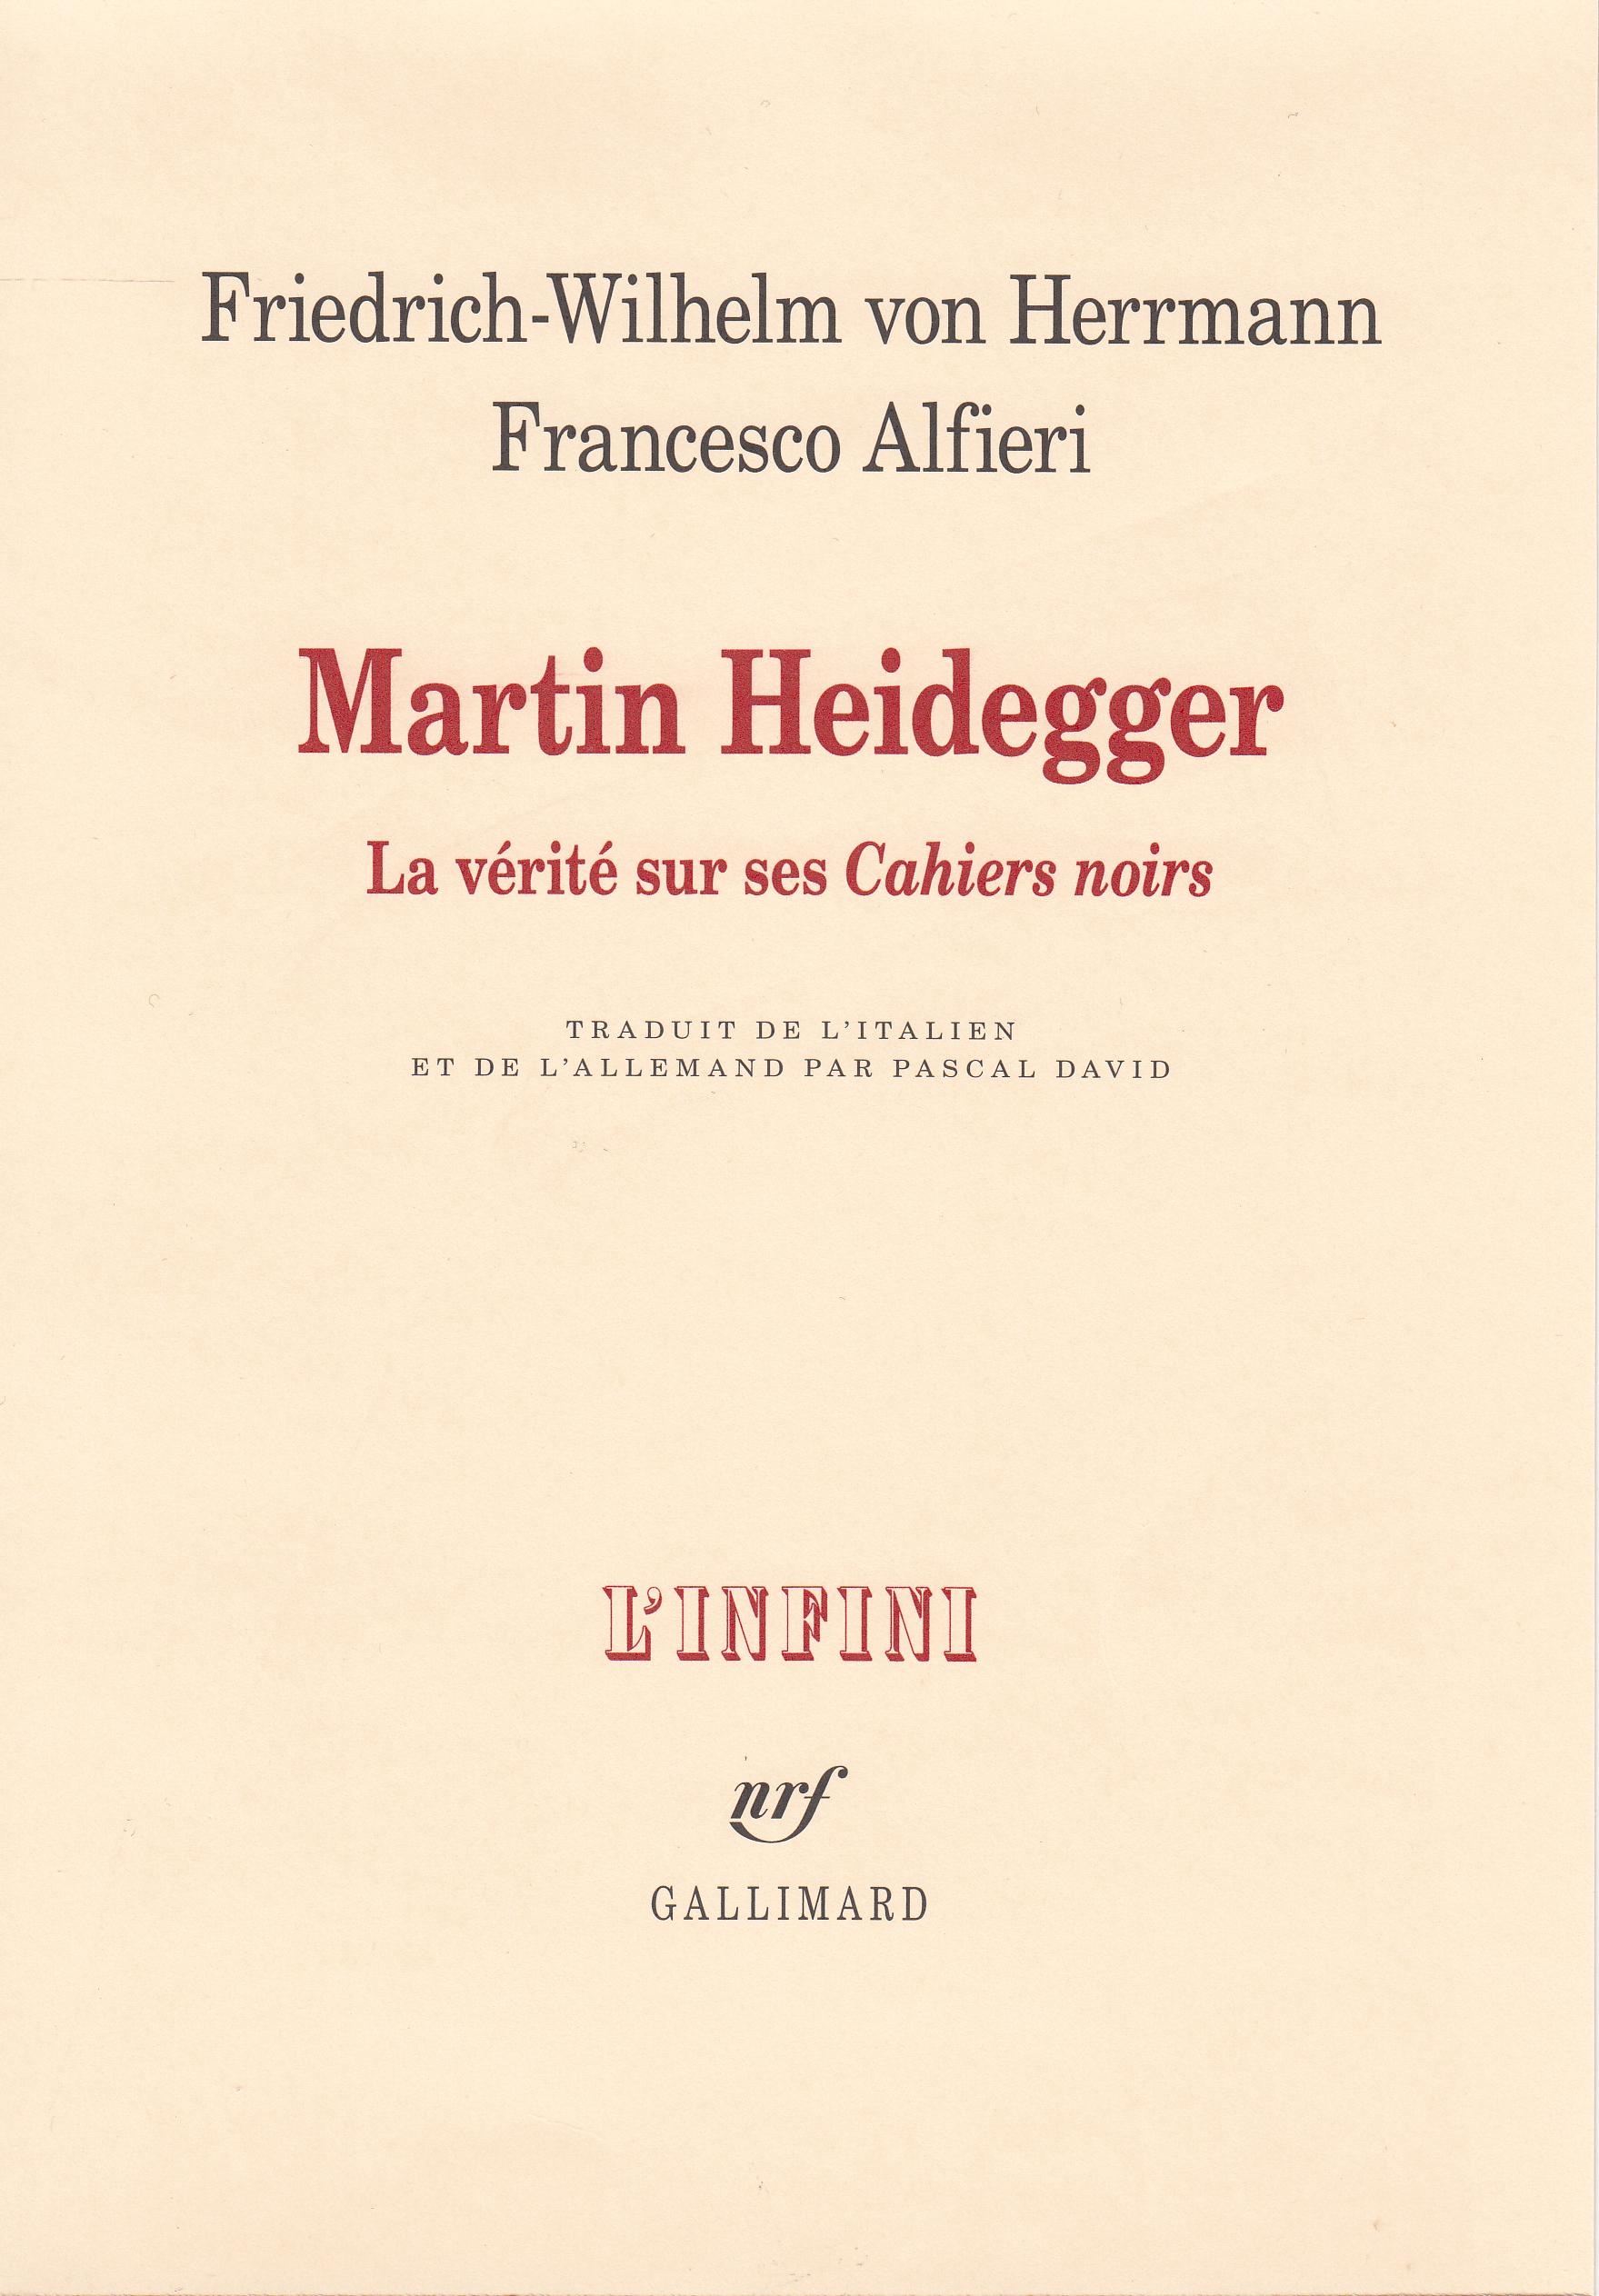 MARTIN HEIDEGGER. LA VERITE SUR SES CAHIERS NOIRS